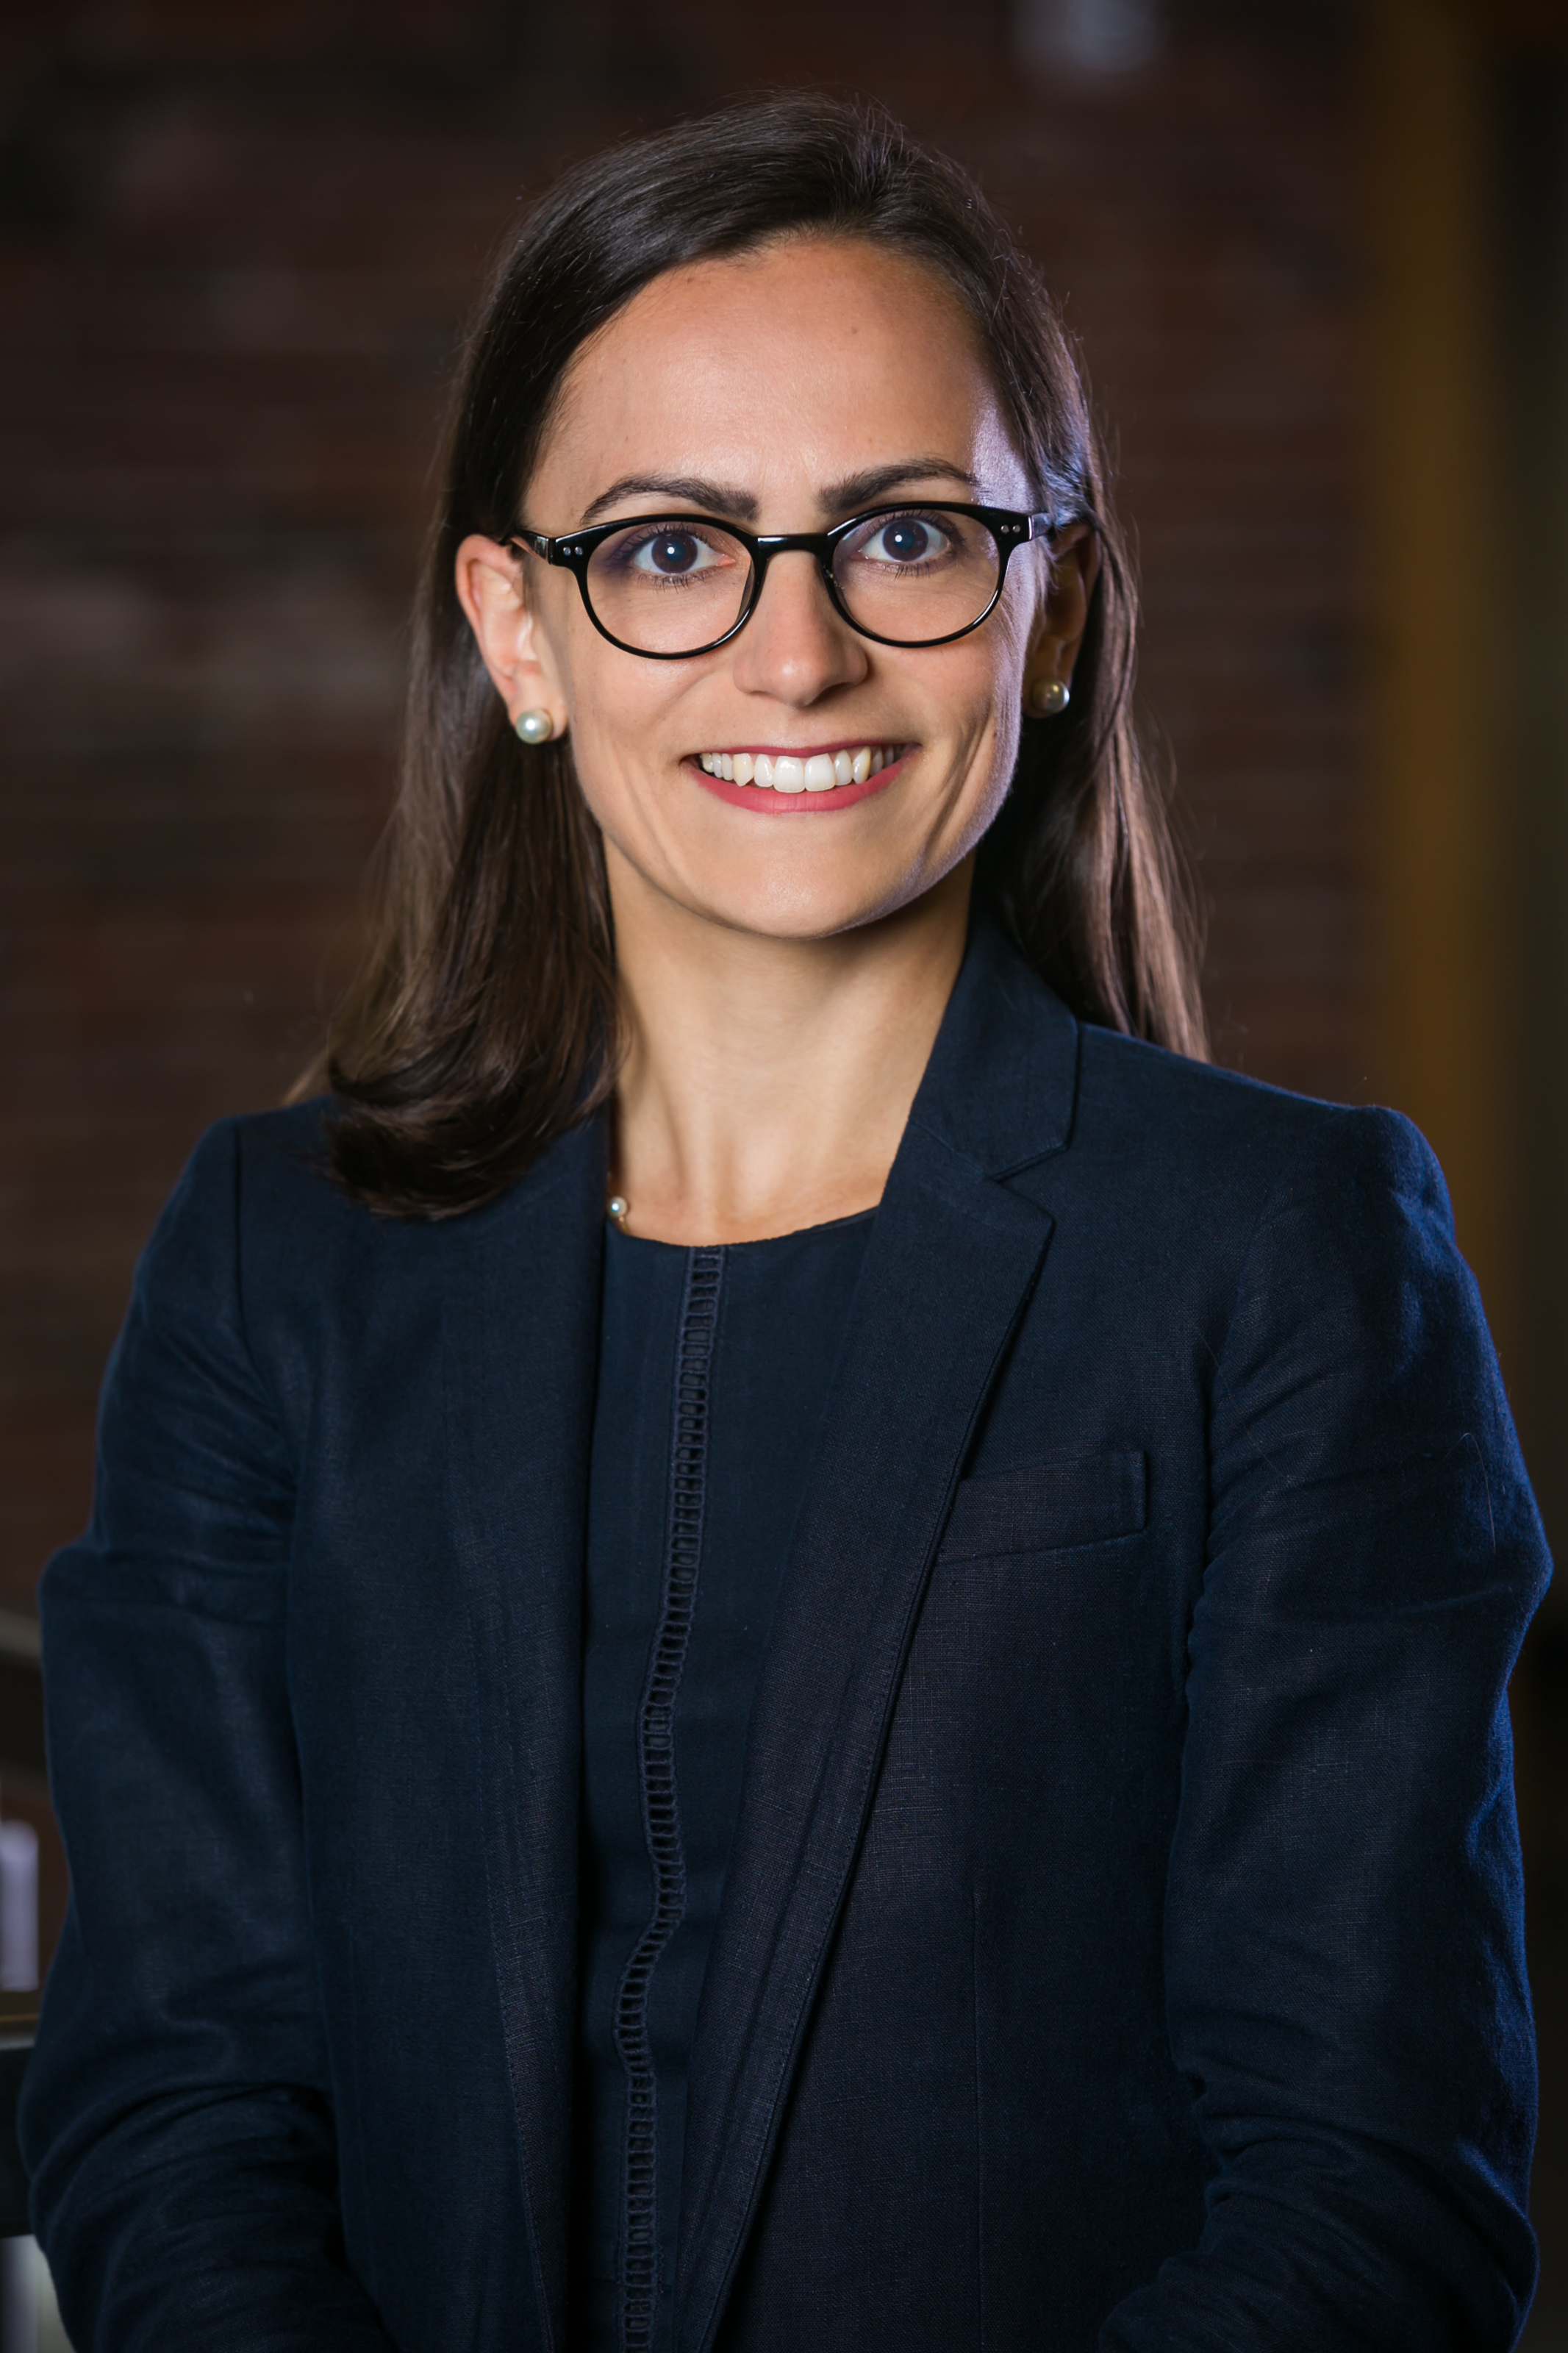 MARIA EGAN, M.B.A